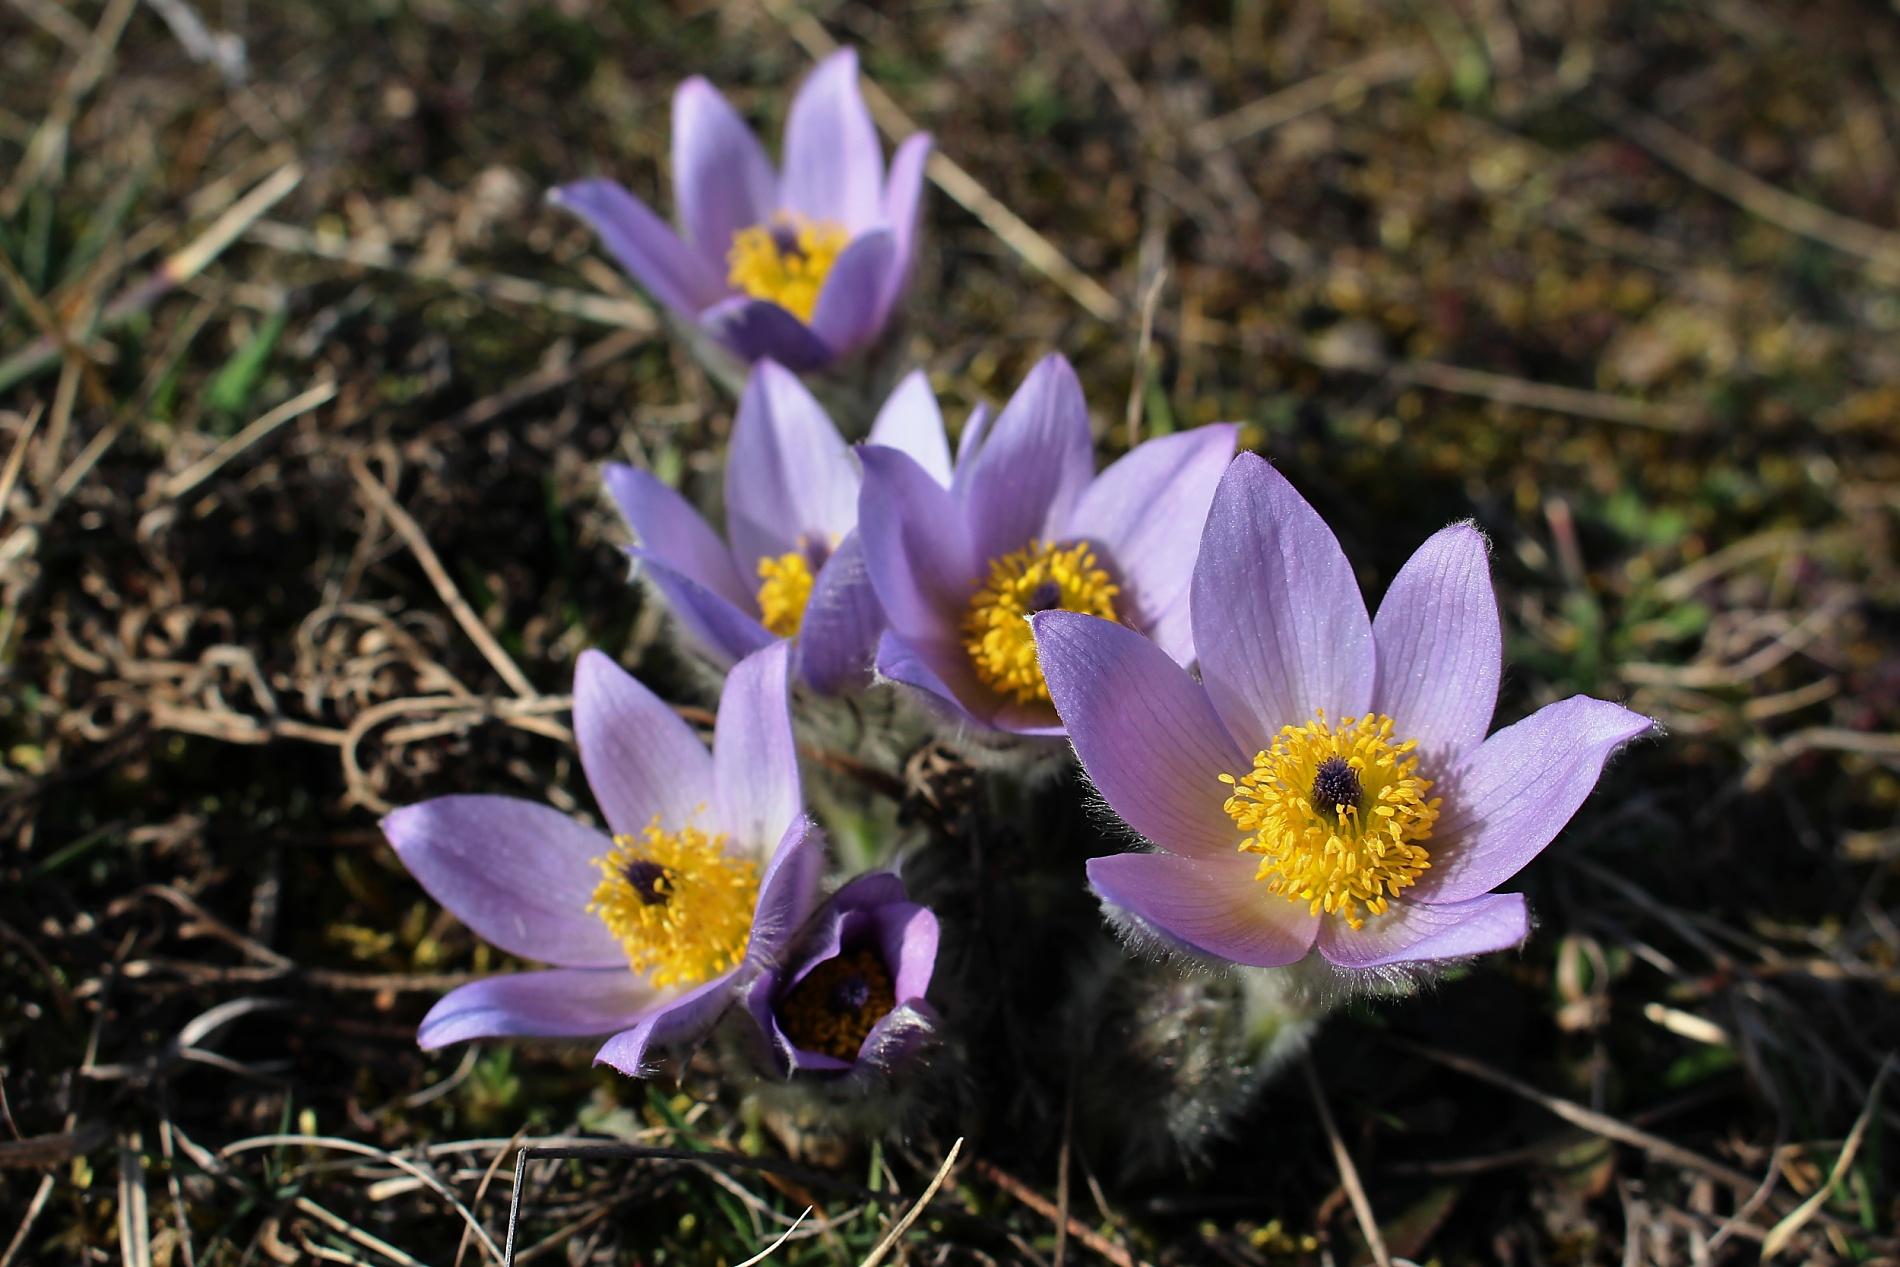 Není jedna lokalita jako druhá. Podobu květů částečně ovlivňuje i konkrétní prostředí. Koniklece velkokvěté, které jsem nafotil v PR Kamenný vrch v Novém Lískovci v Brně, se mi zdají trochu jinak zbarvené, než ty odjinud. Foceno 8. března 2014. Canon EOS 100D, objektiv EF-S 18-55, 1/125 s, F7.1, kompenzace EV −1/3, ISO100, ohnisko (EQ35) 46 mm.jpg